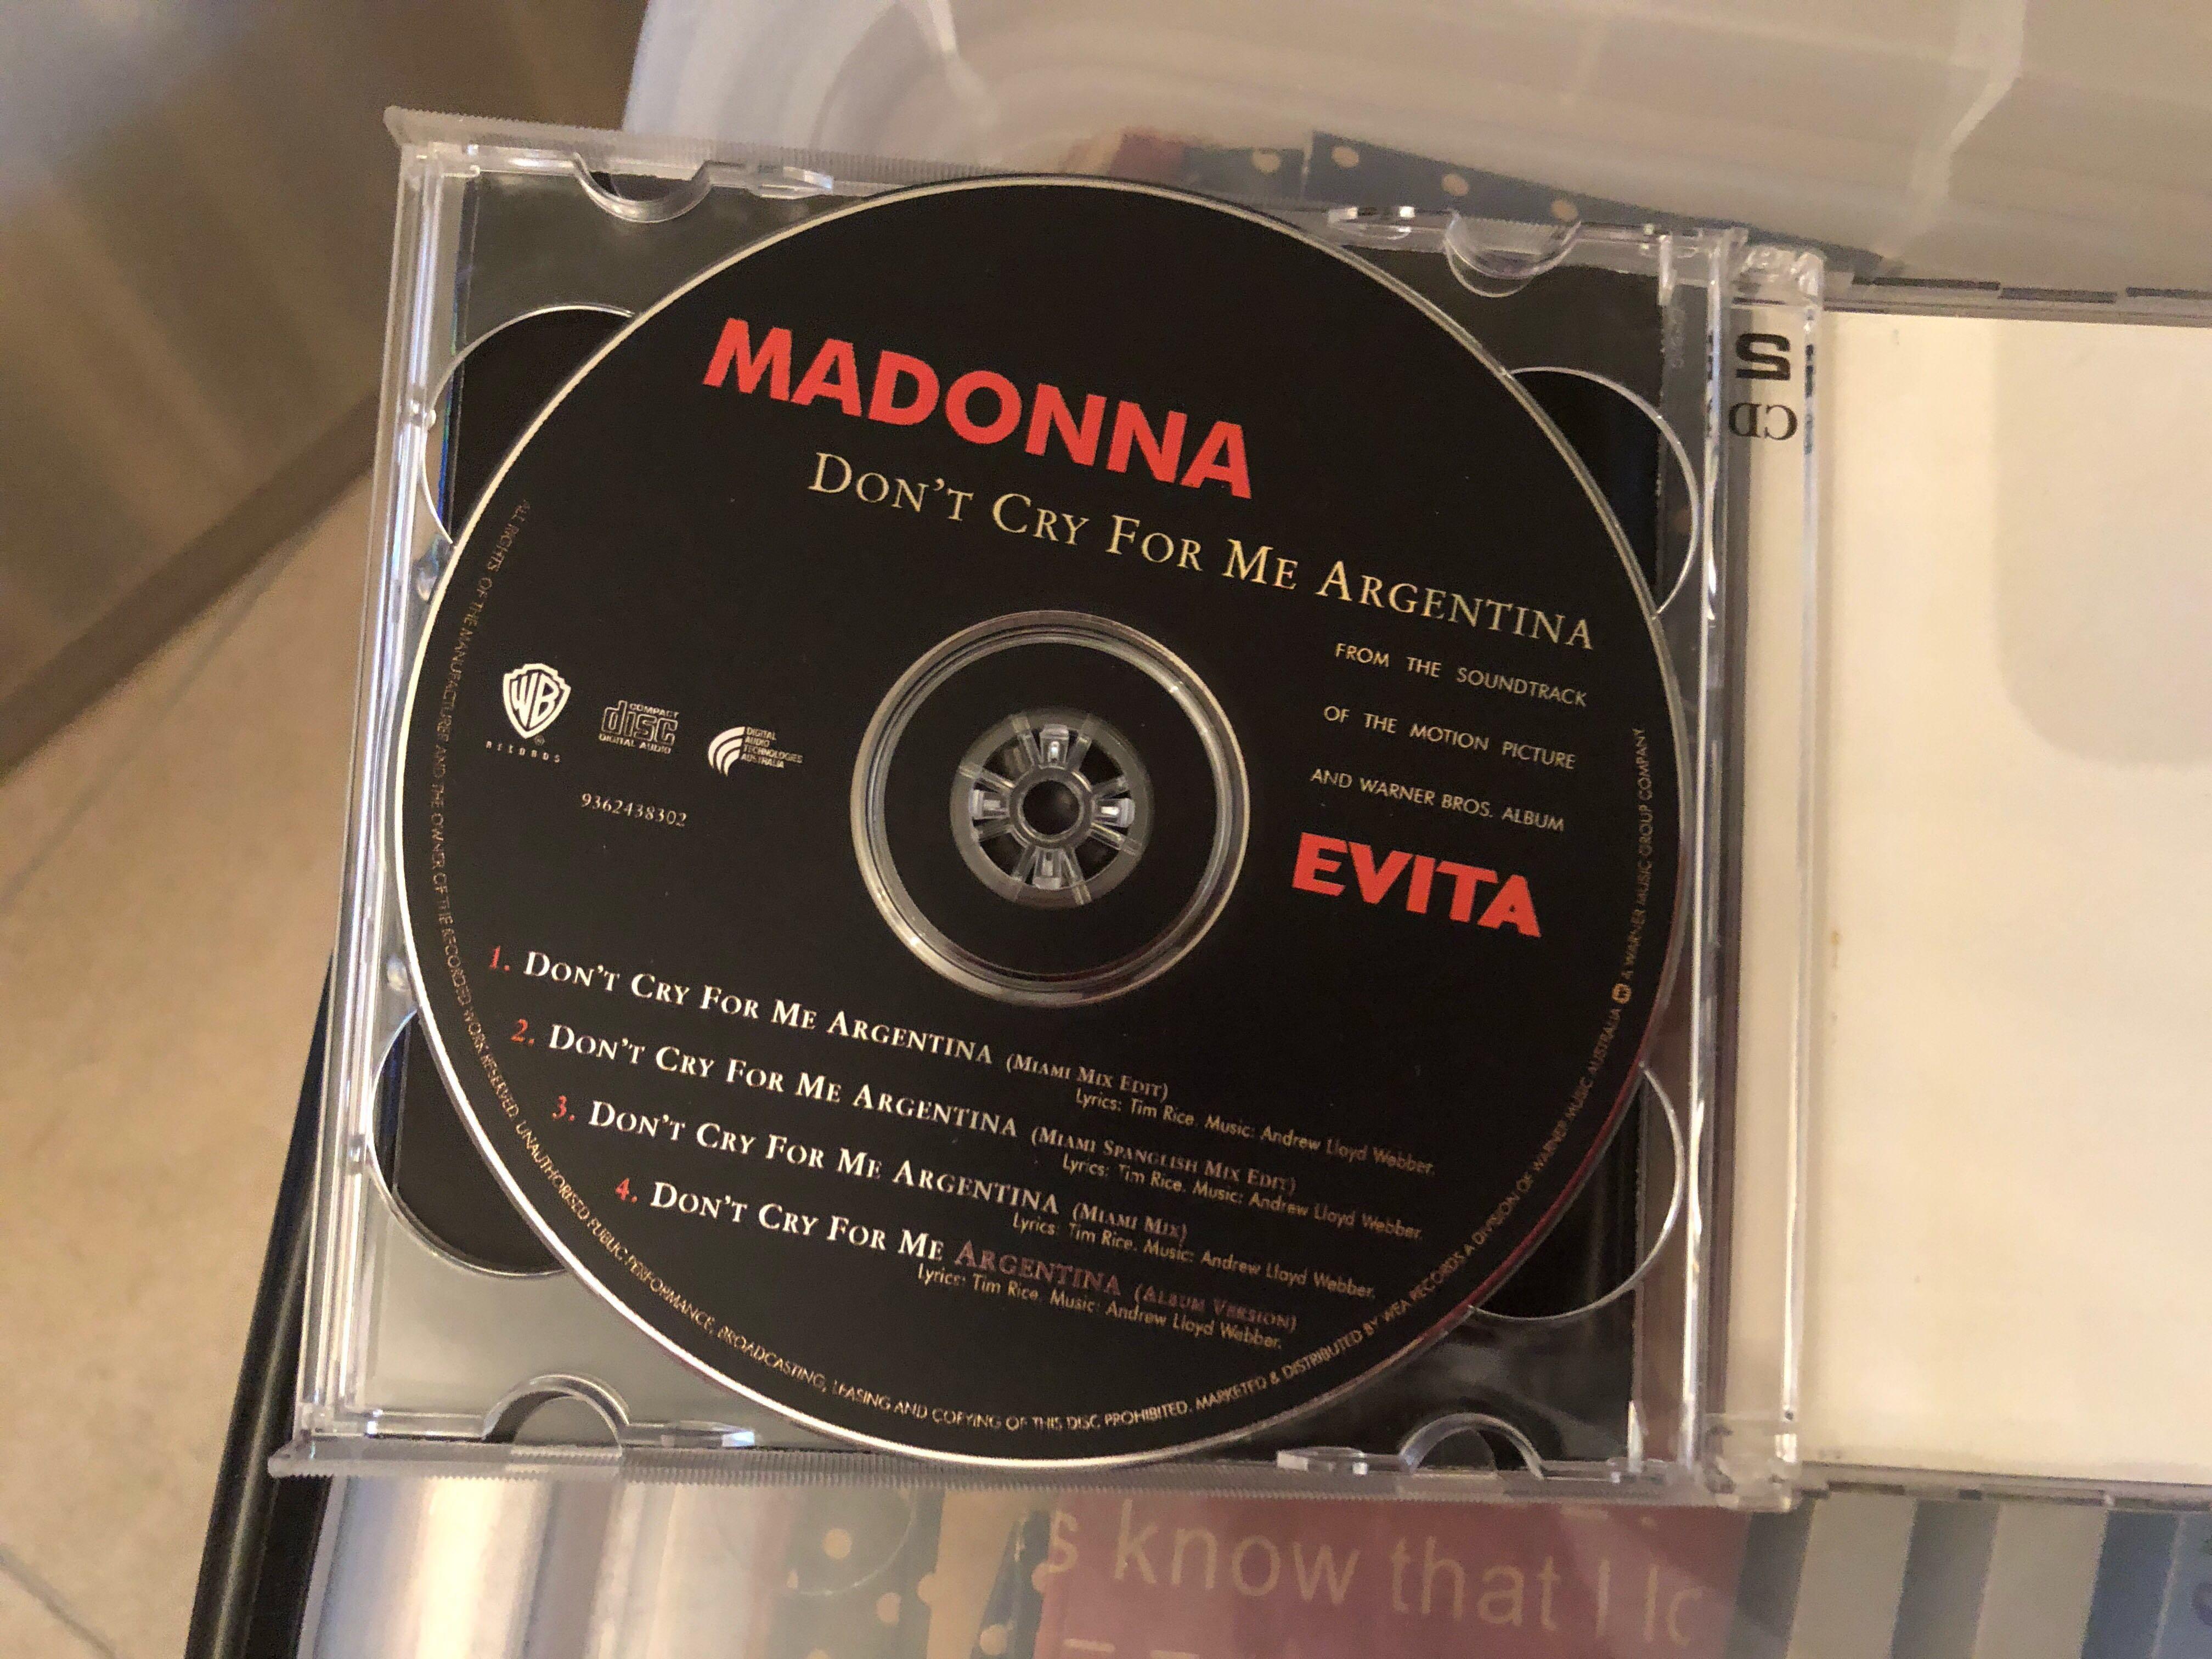 罕有!Madonna 全球限量特別版 雙CD Singles 附送海報